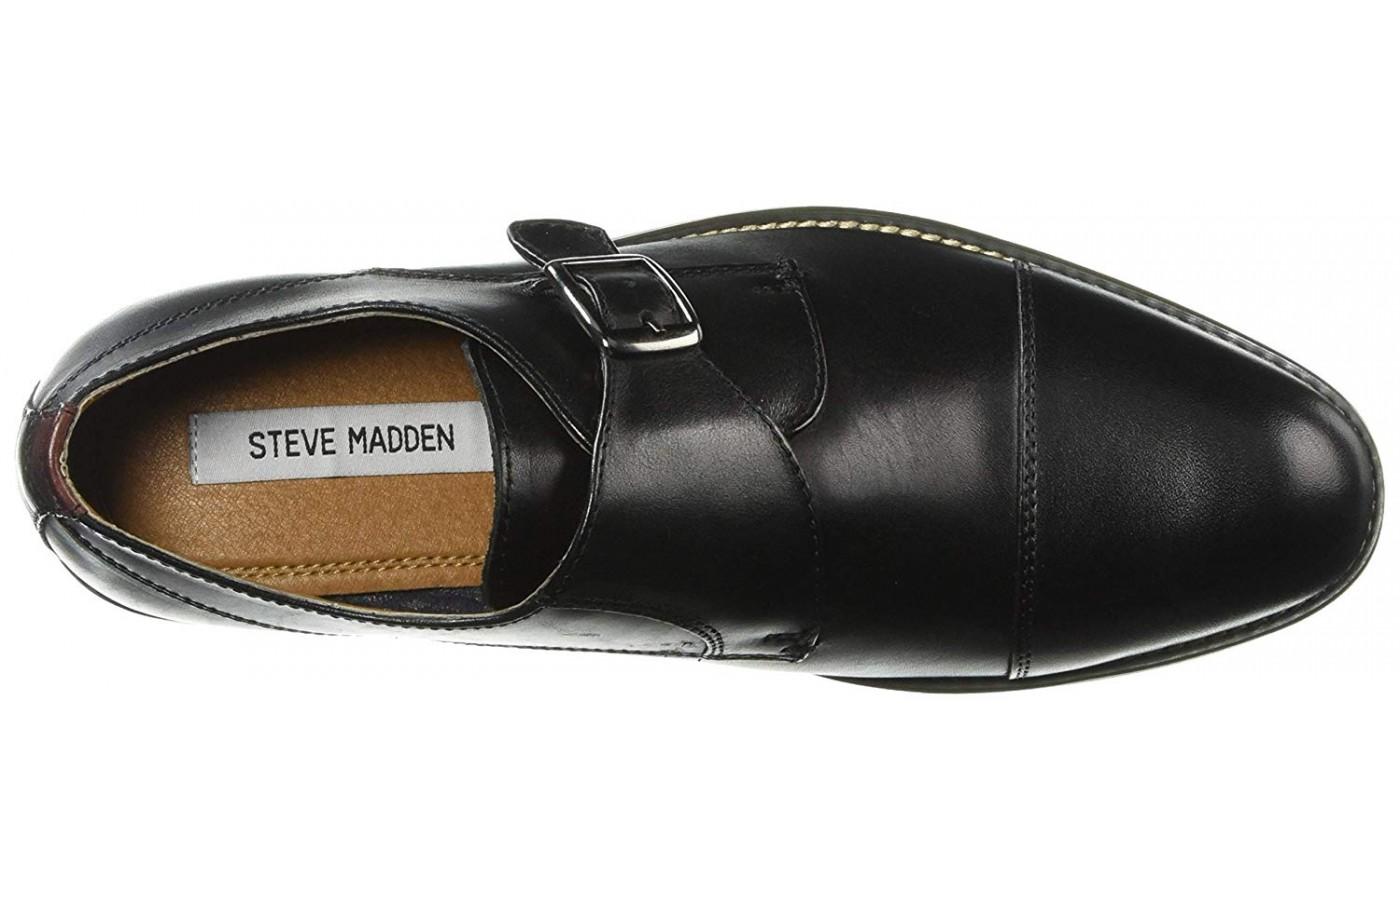 Steve Madden Ludo top